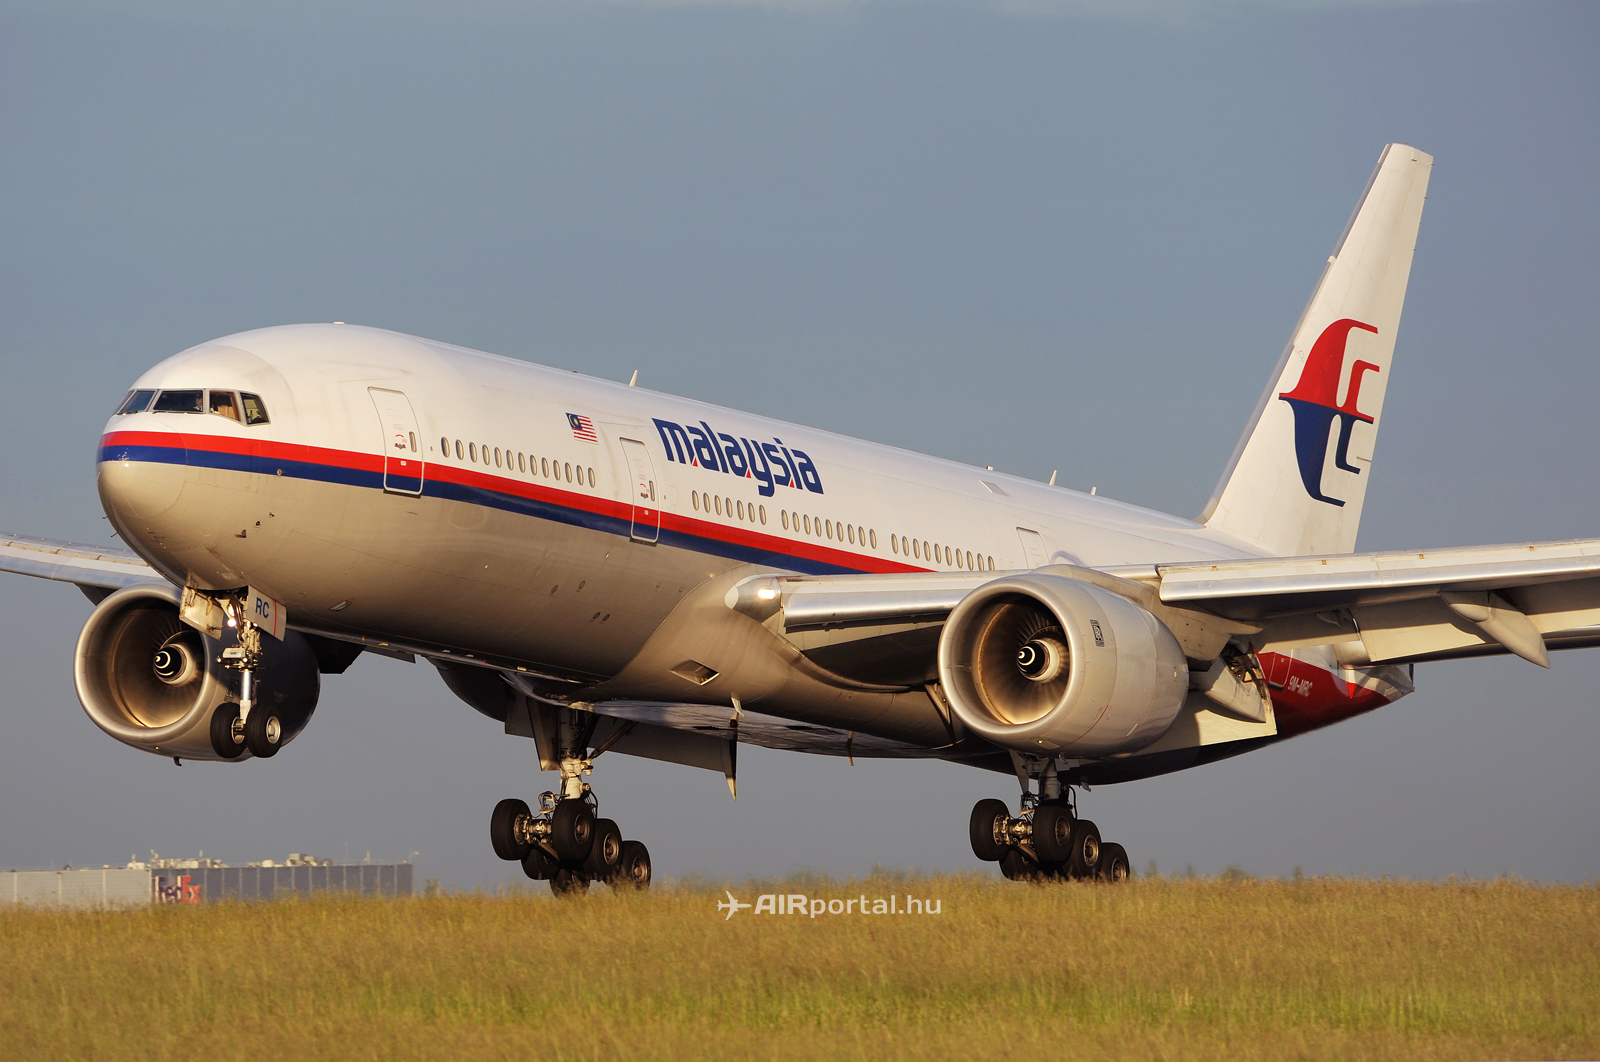 A Malaysia Airlines egyik Boeing 777-200ER típusú repülőgépe a párizsi Charles de Gaulle repülőterén. (Fotó: Kovács Gábor - AIRportal.hu)   © AIRportal.hu